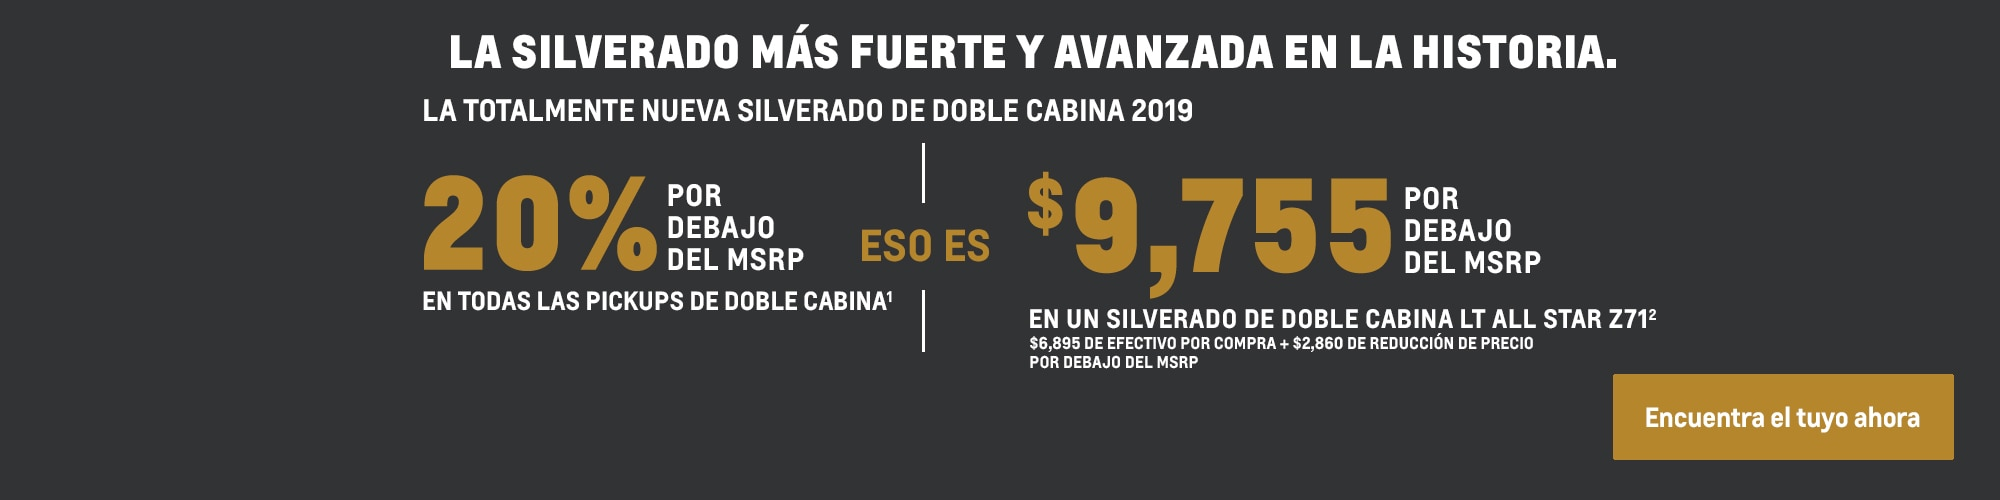 La totalmente nueva Silverado: 20% por debajo del MSRP